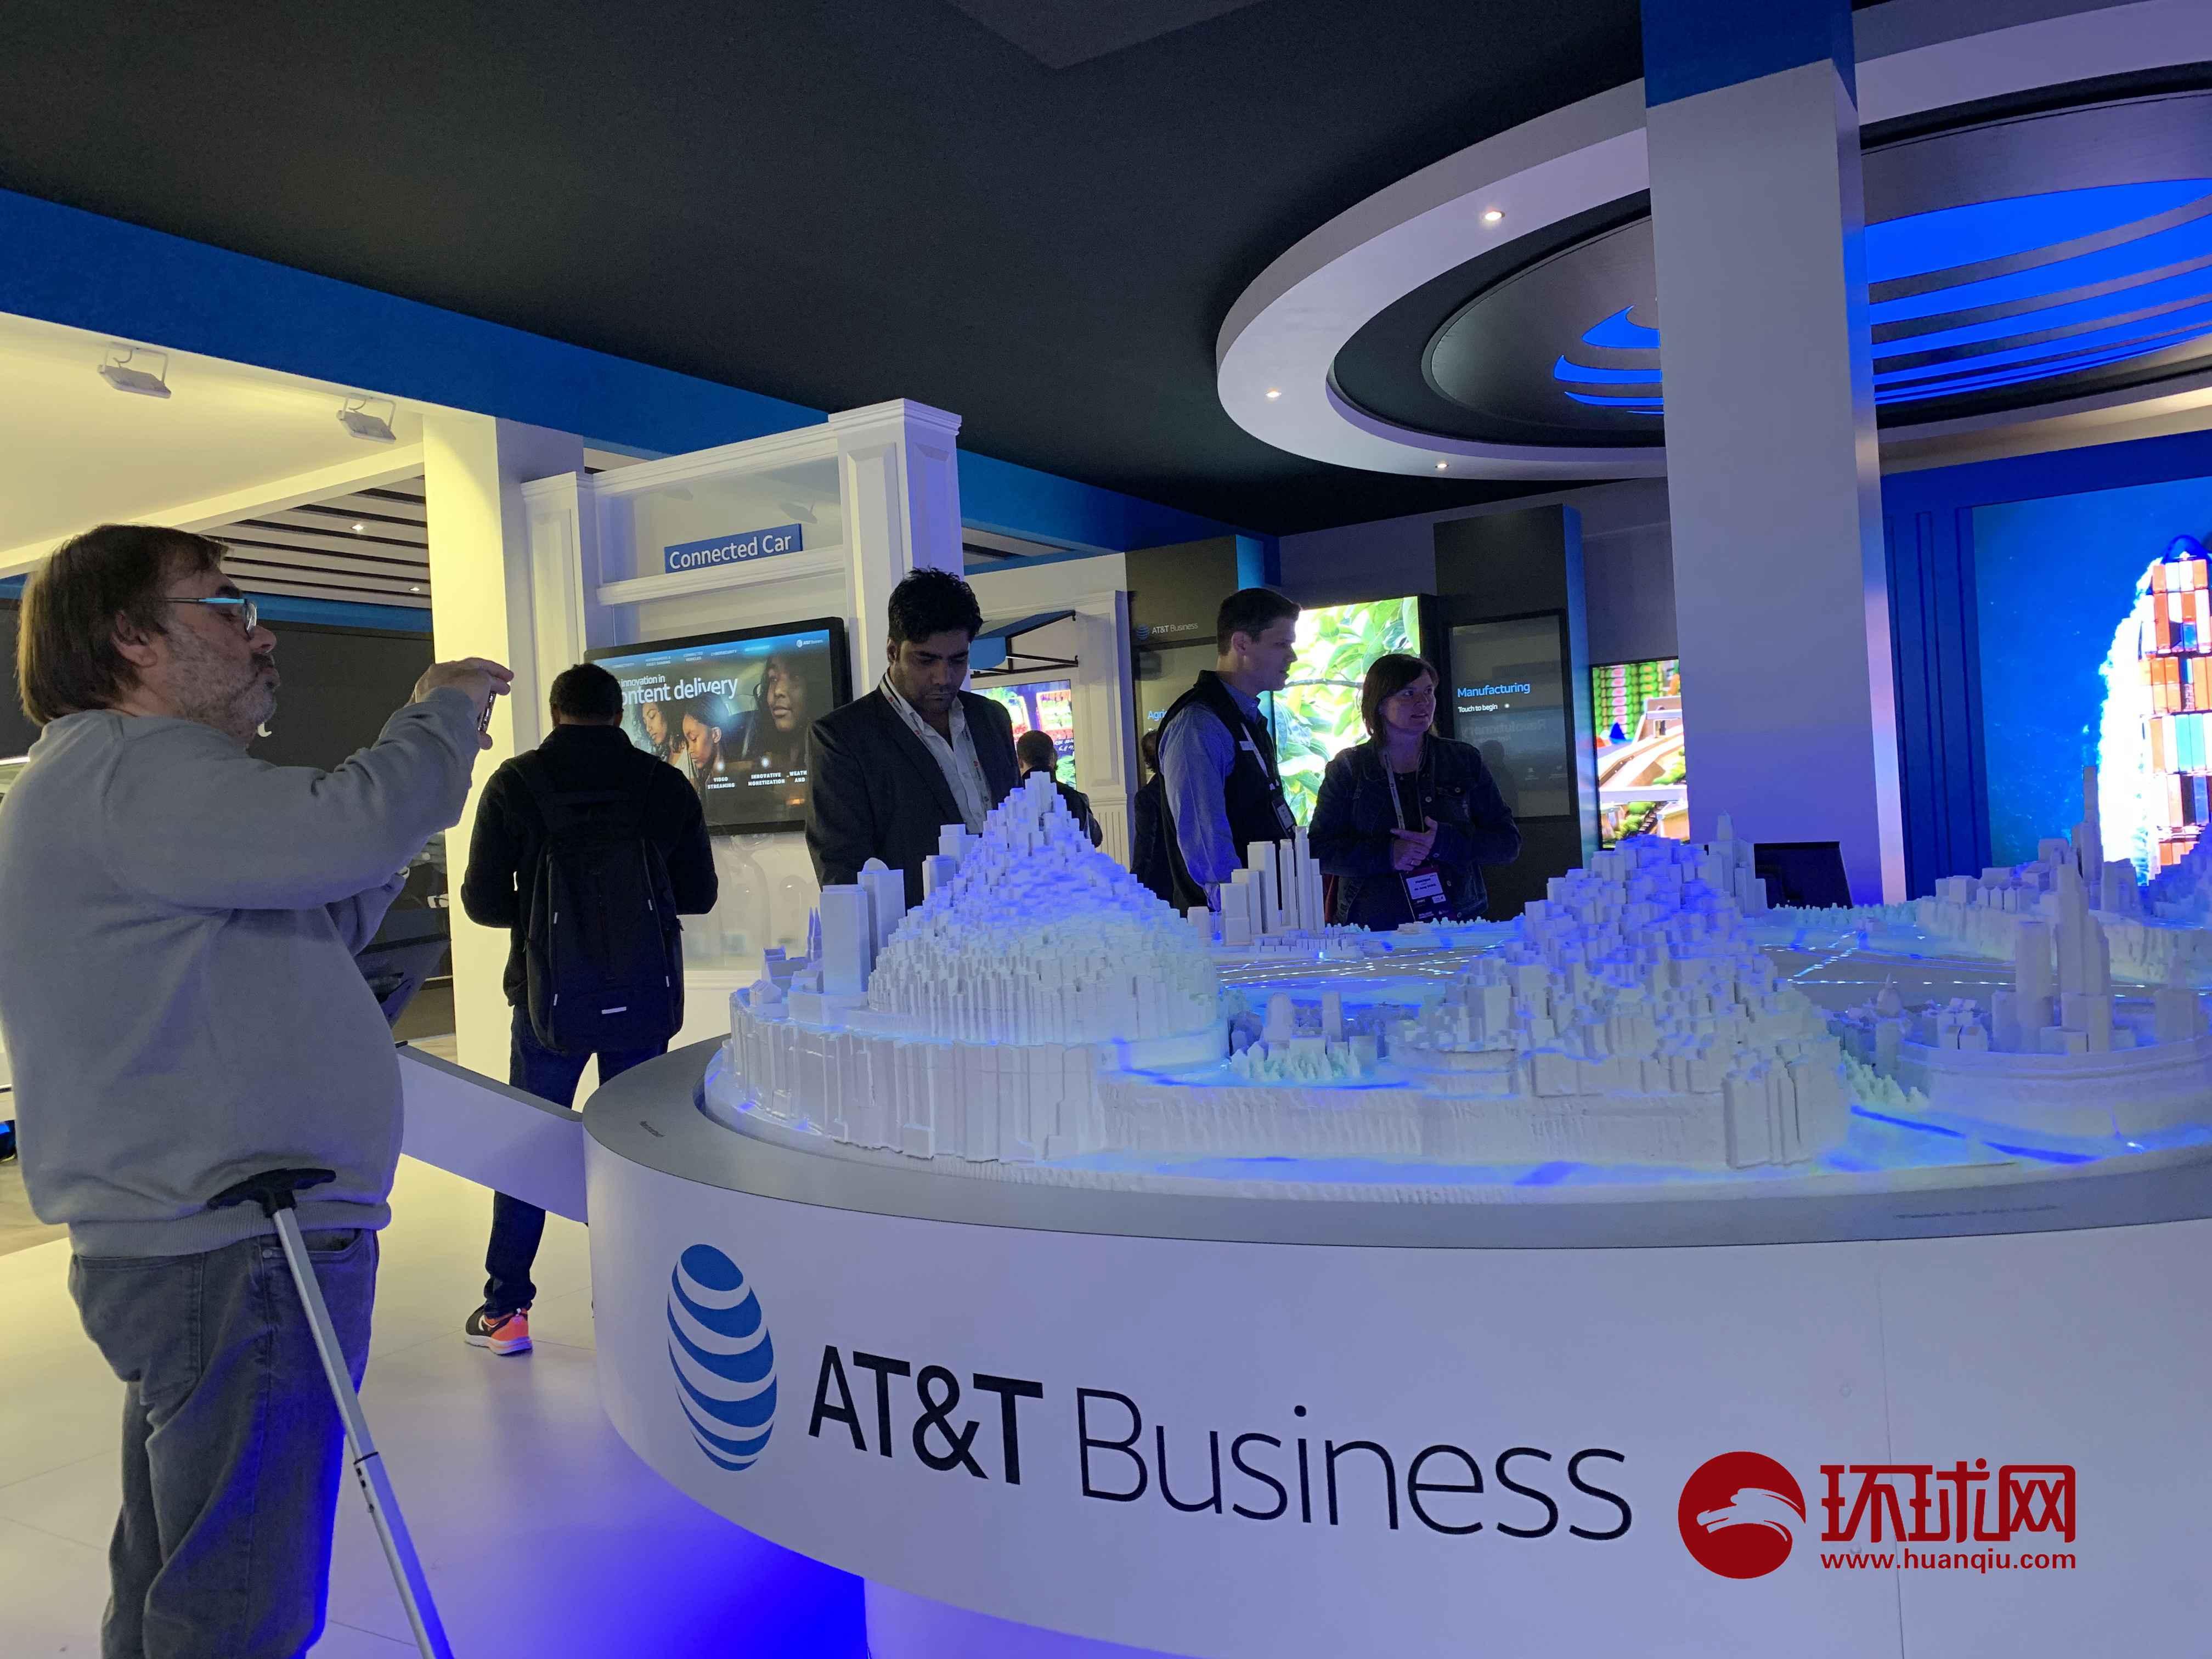 AT&T高管:华为非常有能力 打压它出于政治目的